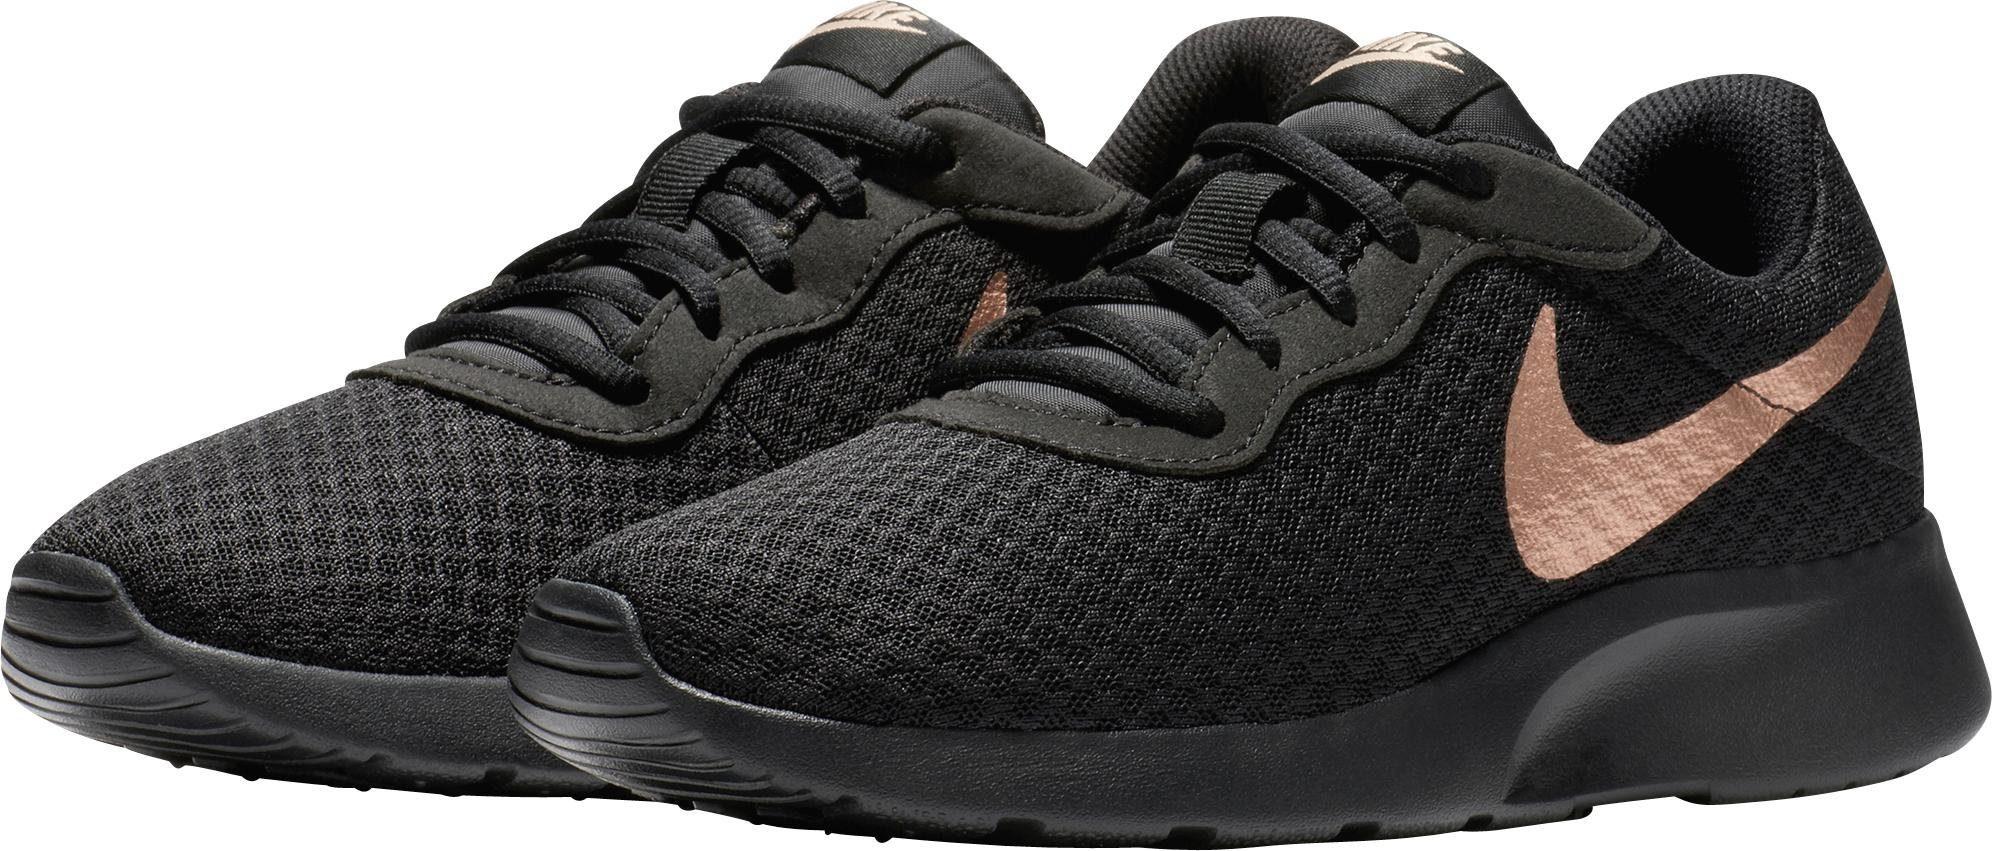 Nike Sportswear »Tanjun Wmns« Sneaker kaufen   OTTO